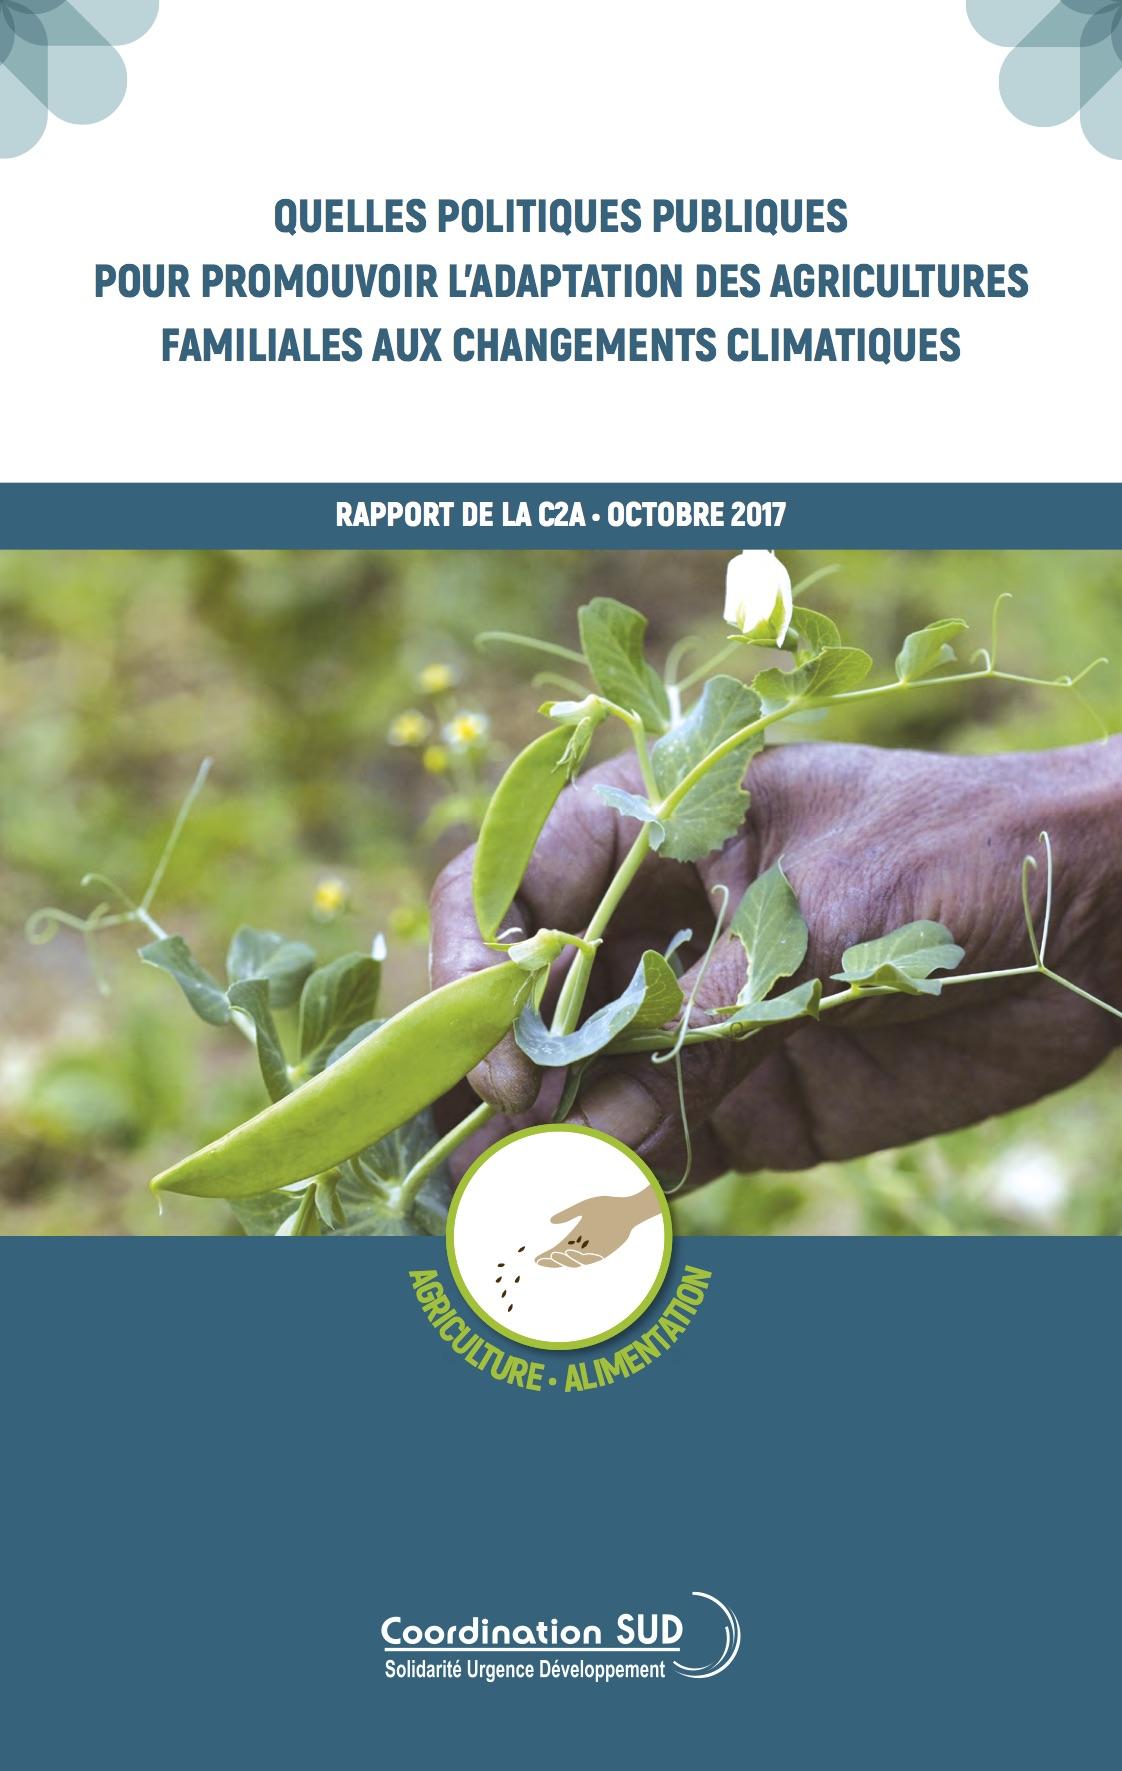 Quelles politiques publiques pour promouvoir l'adapatation des agricultures familiales aux changements climatiques ?   Image principale